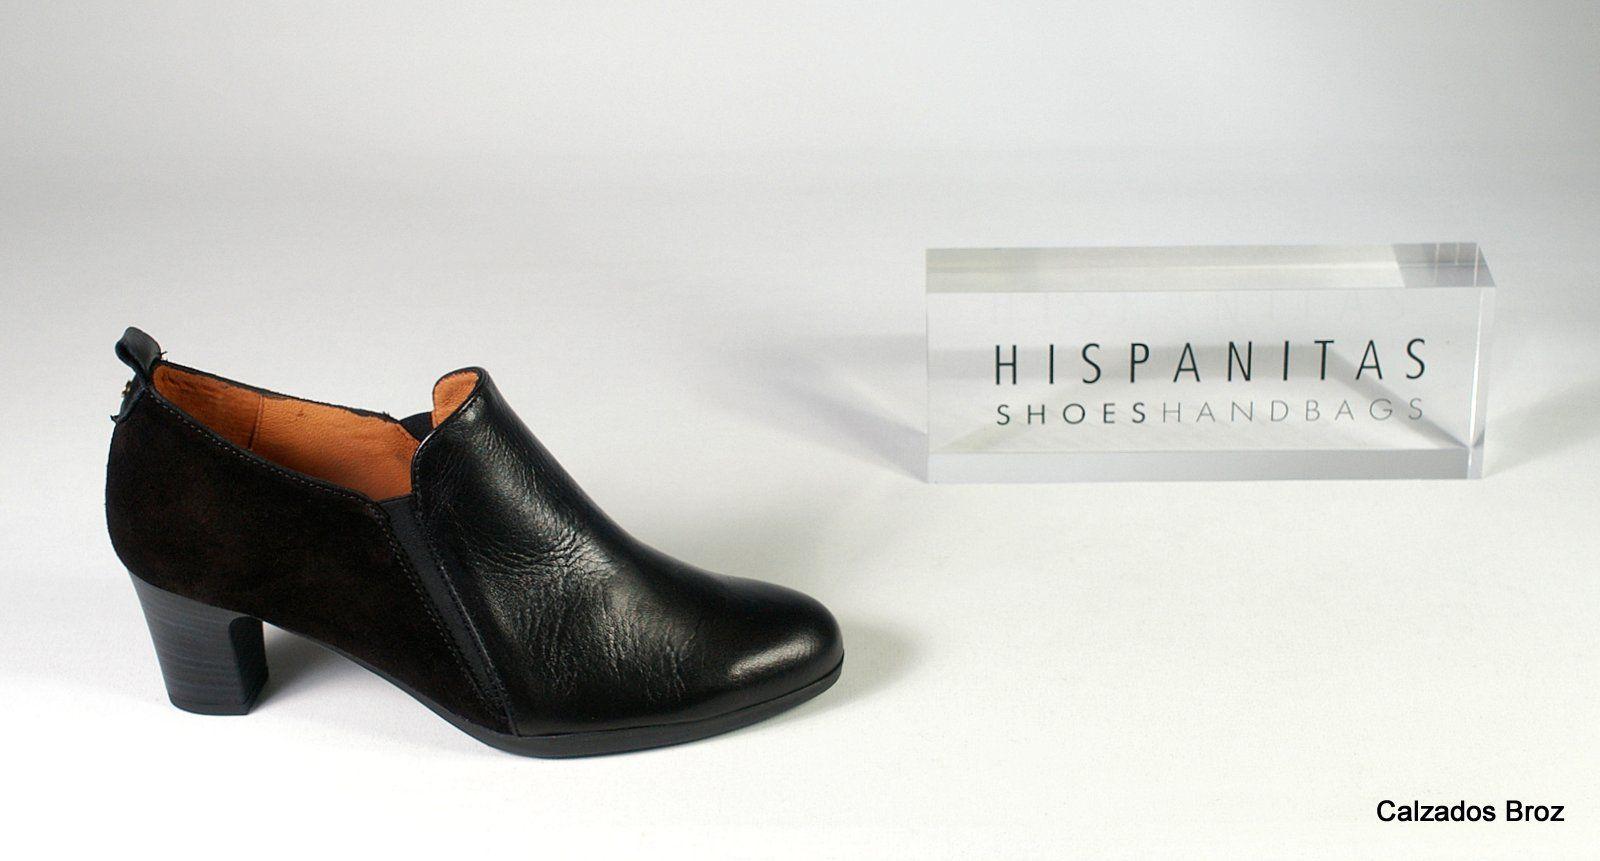 Colección Hispanitas. Zapato abotinado de piel con tacón - Negro. (muller).